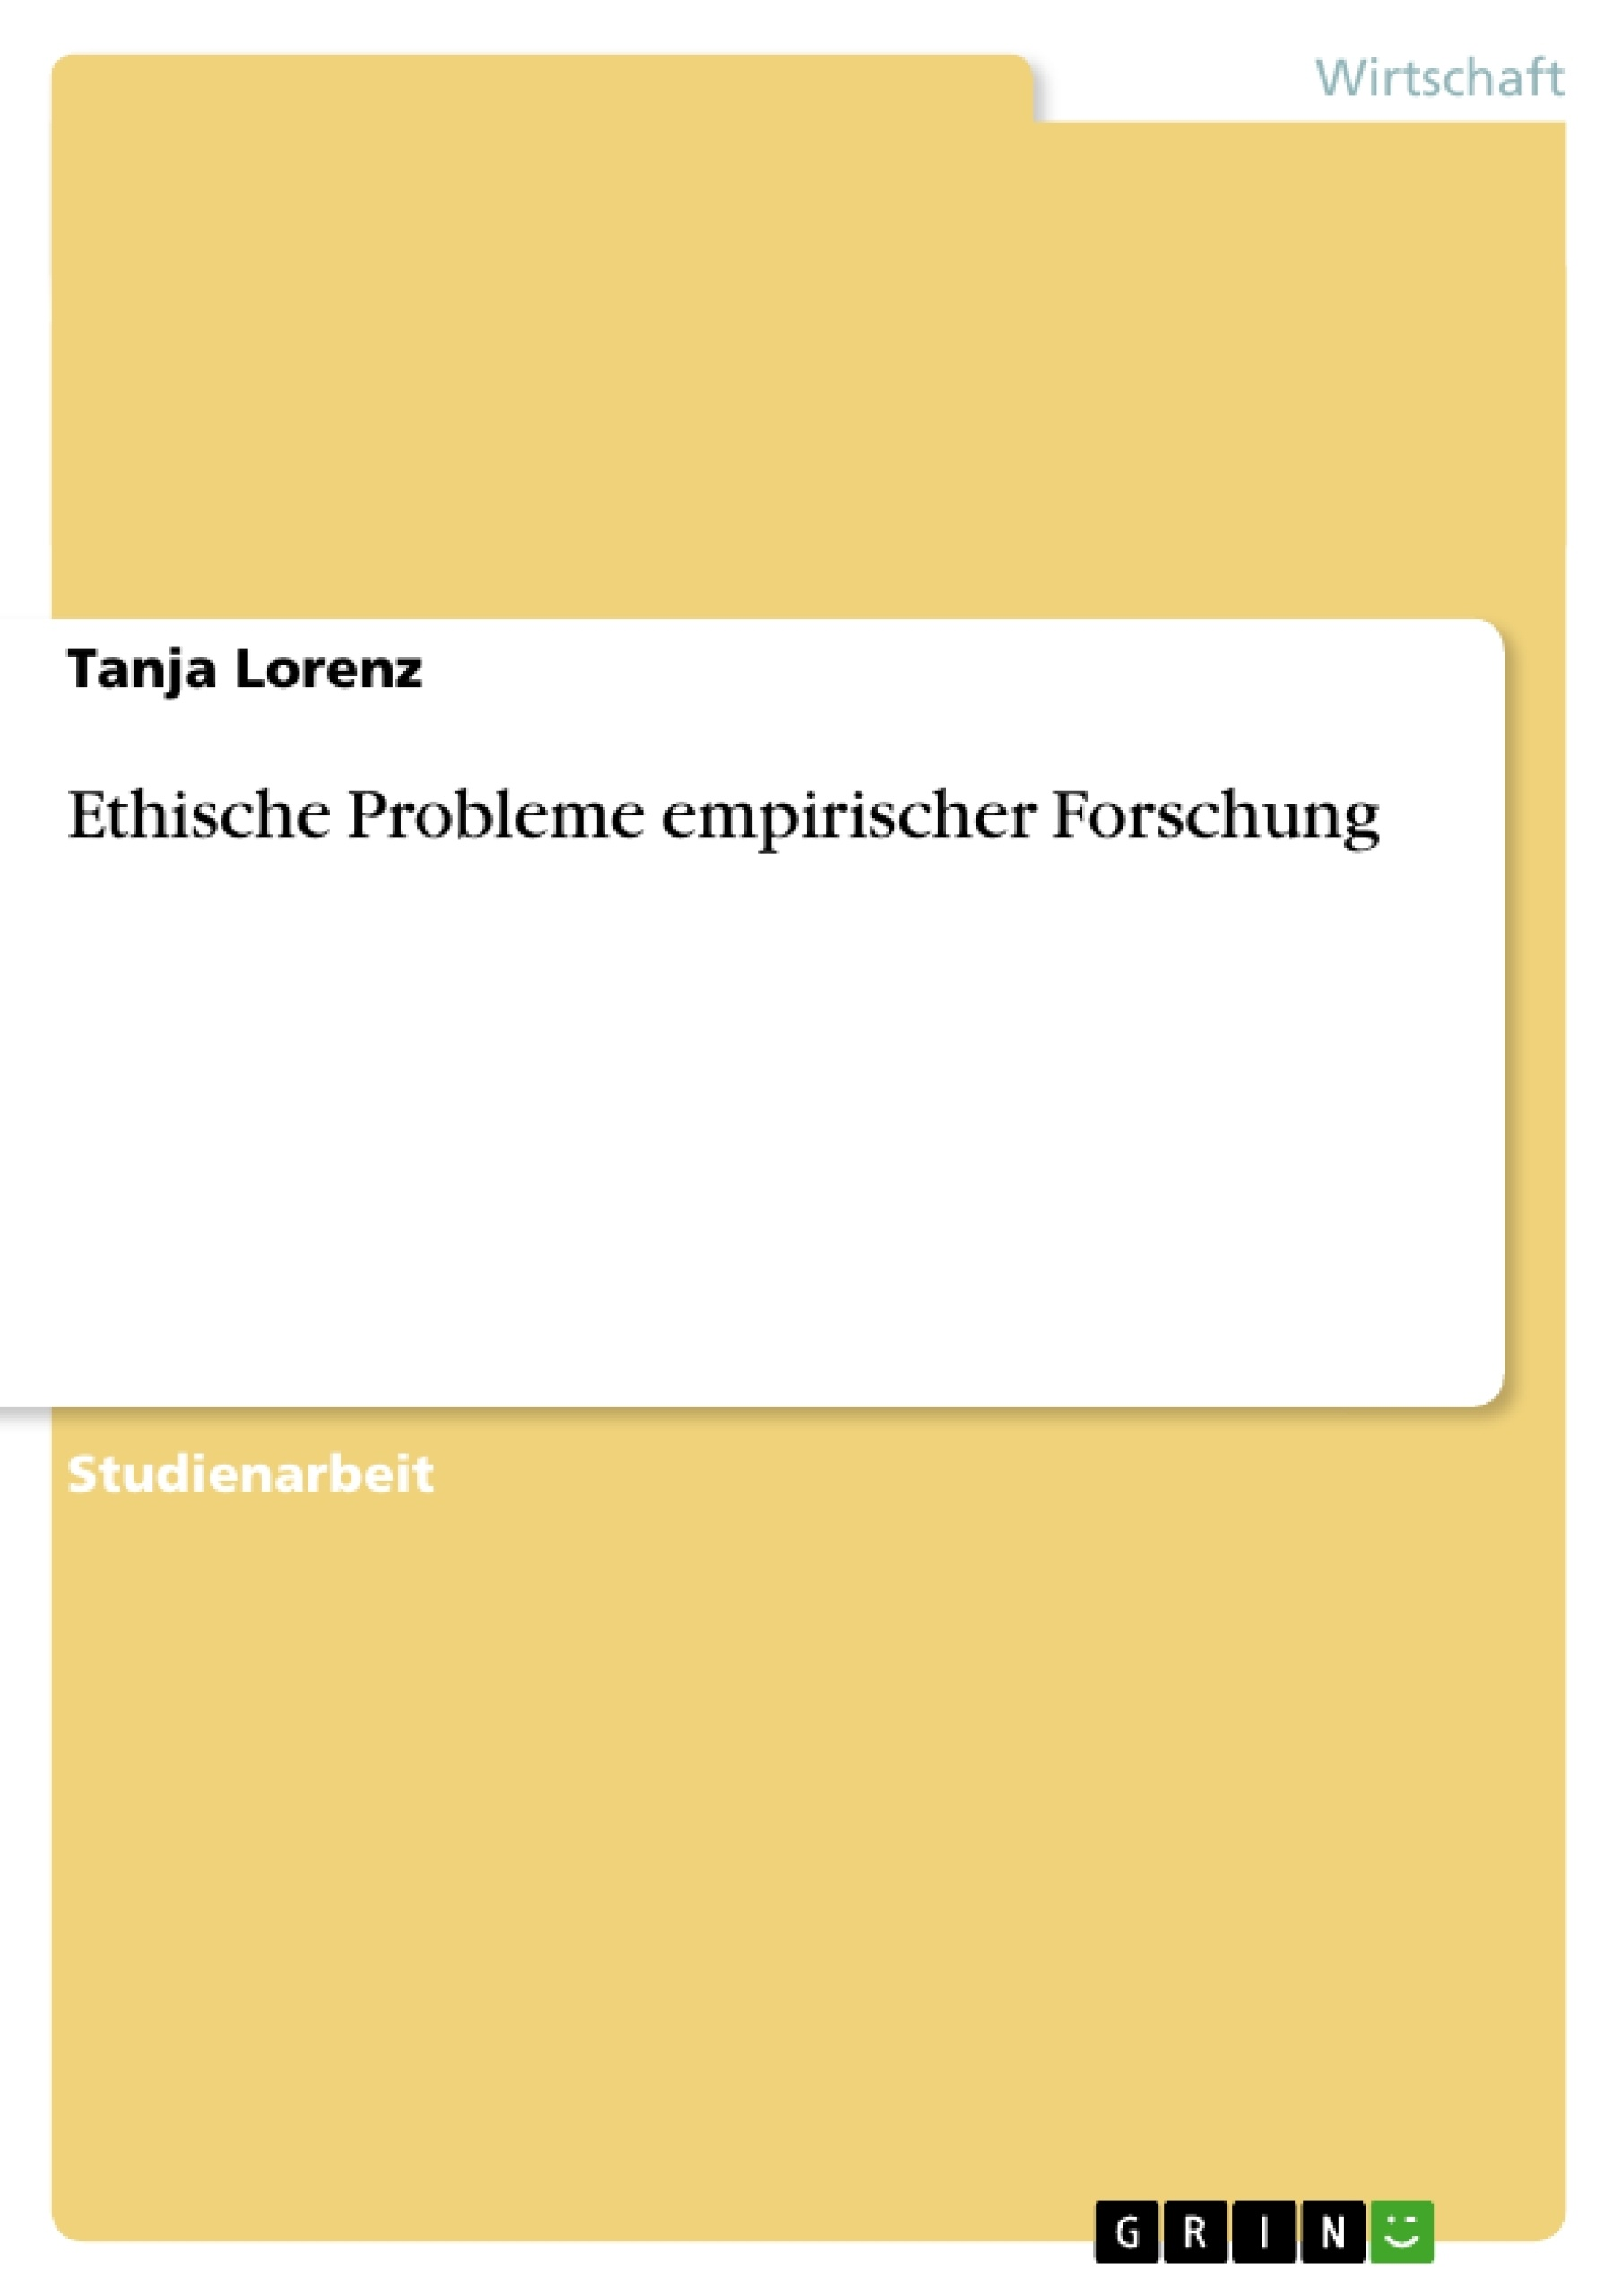 Titel: Ethische Probleme empirischer Forschung